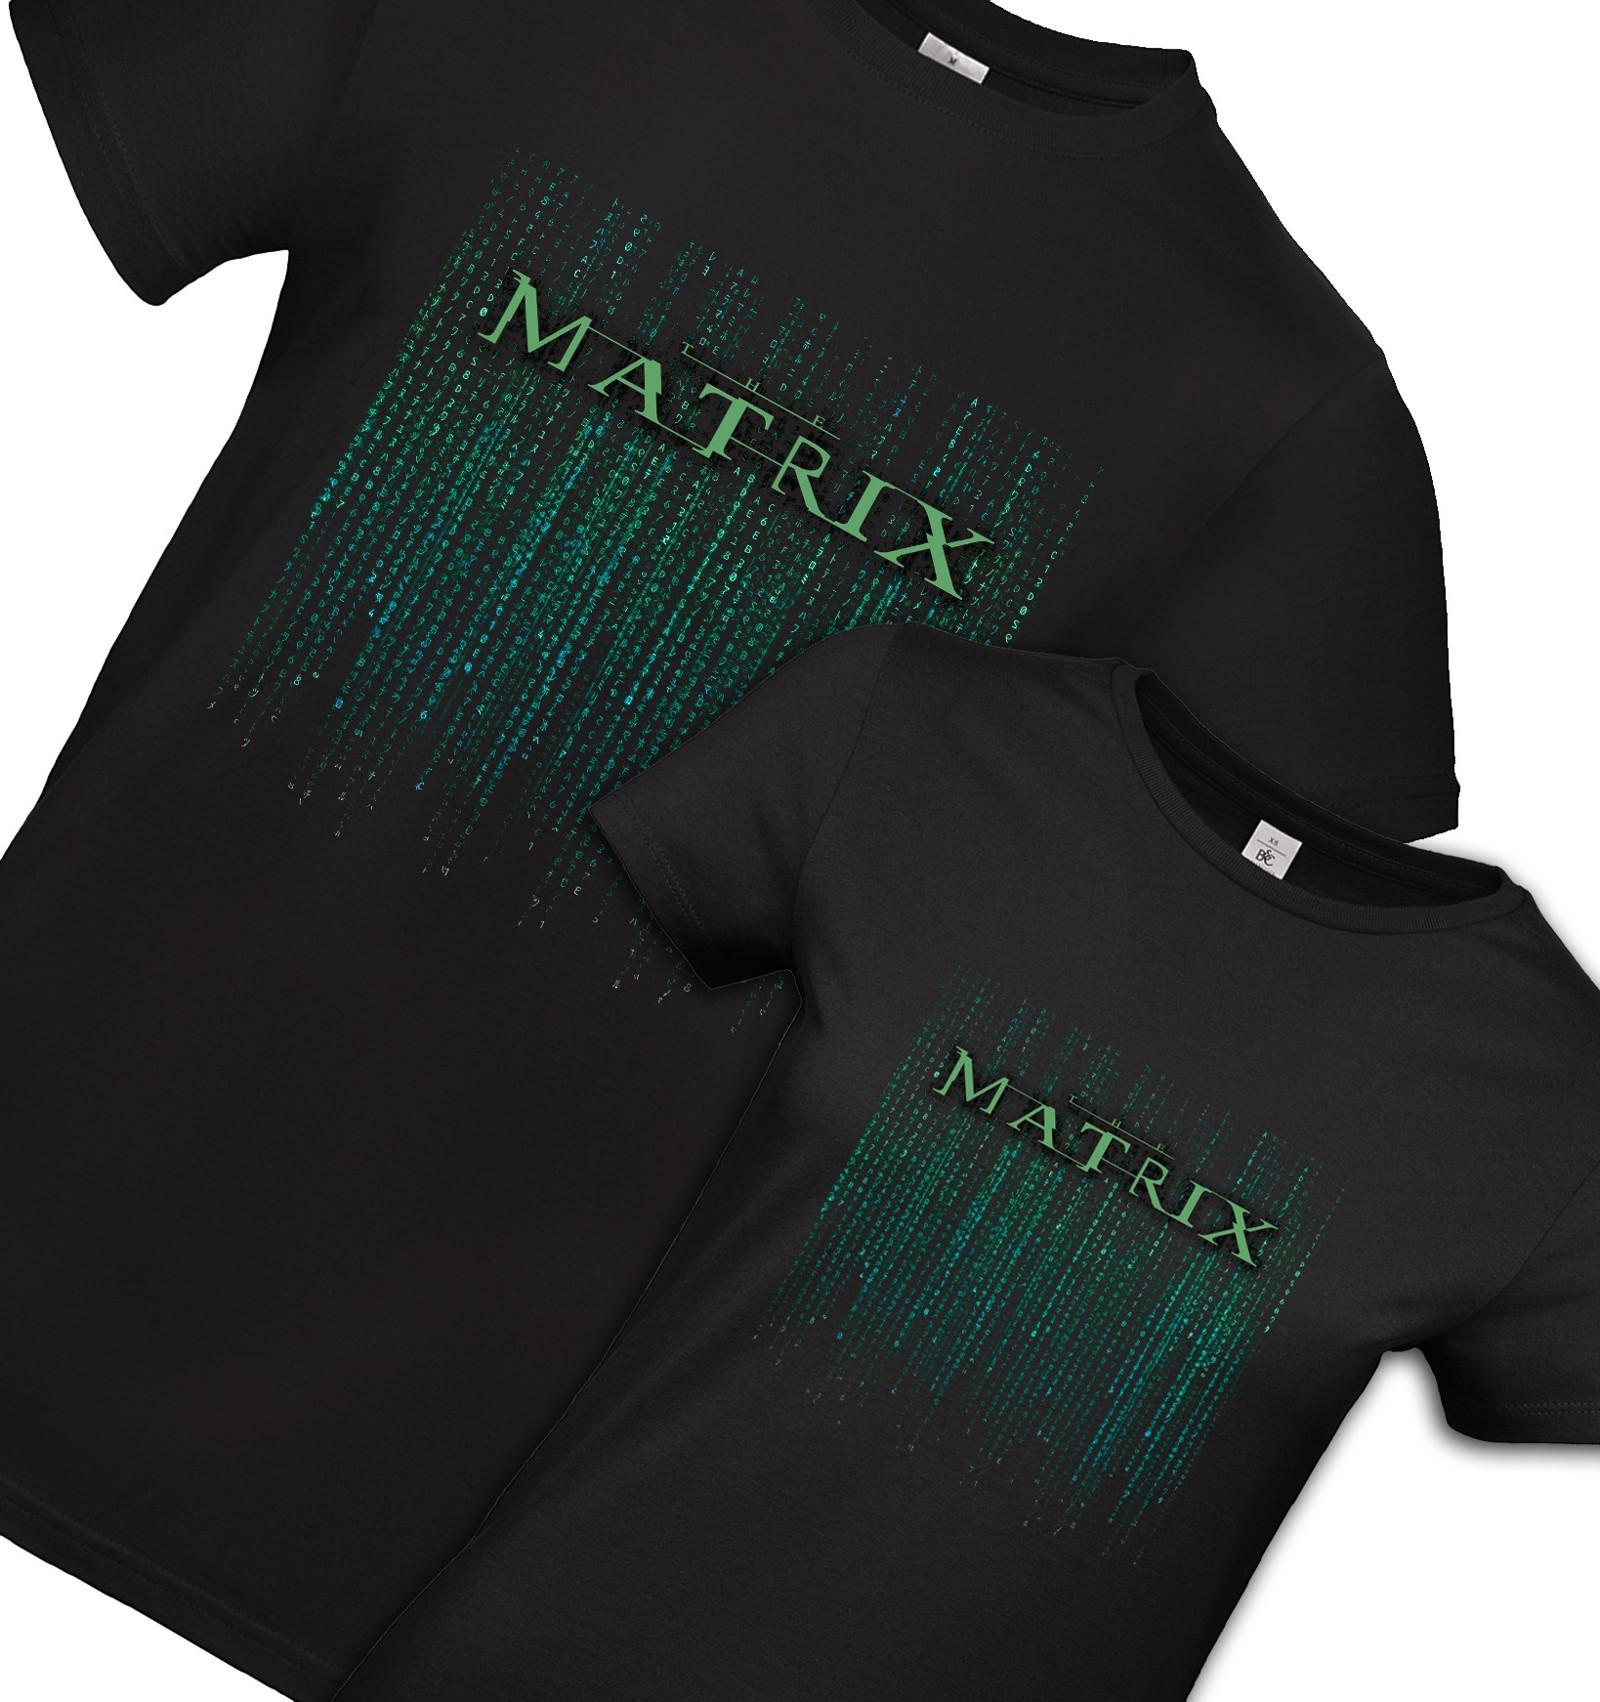 522d2709ad6e Dámske a pánske tričko Matrix - sada pre dvoch   Zboží prodejce ...